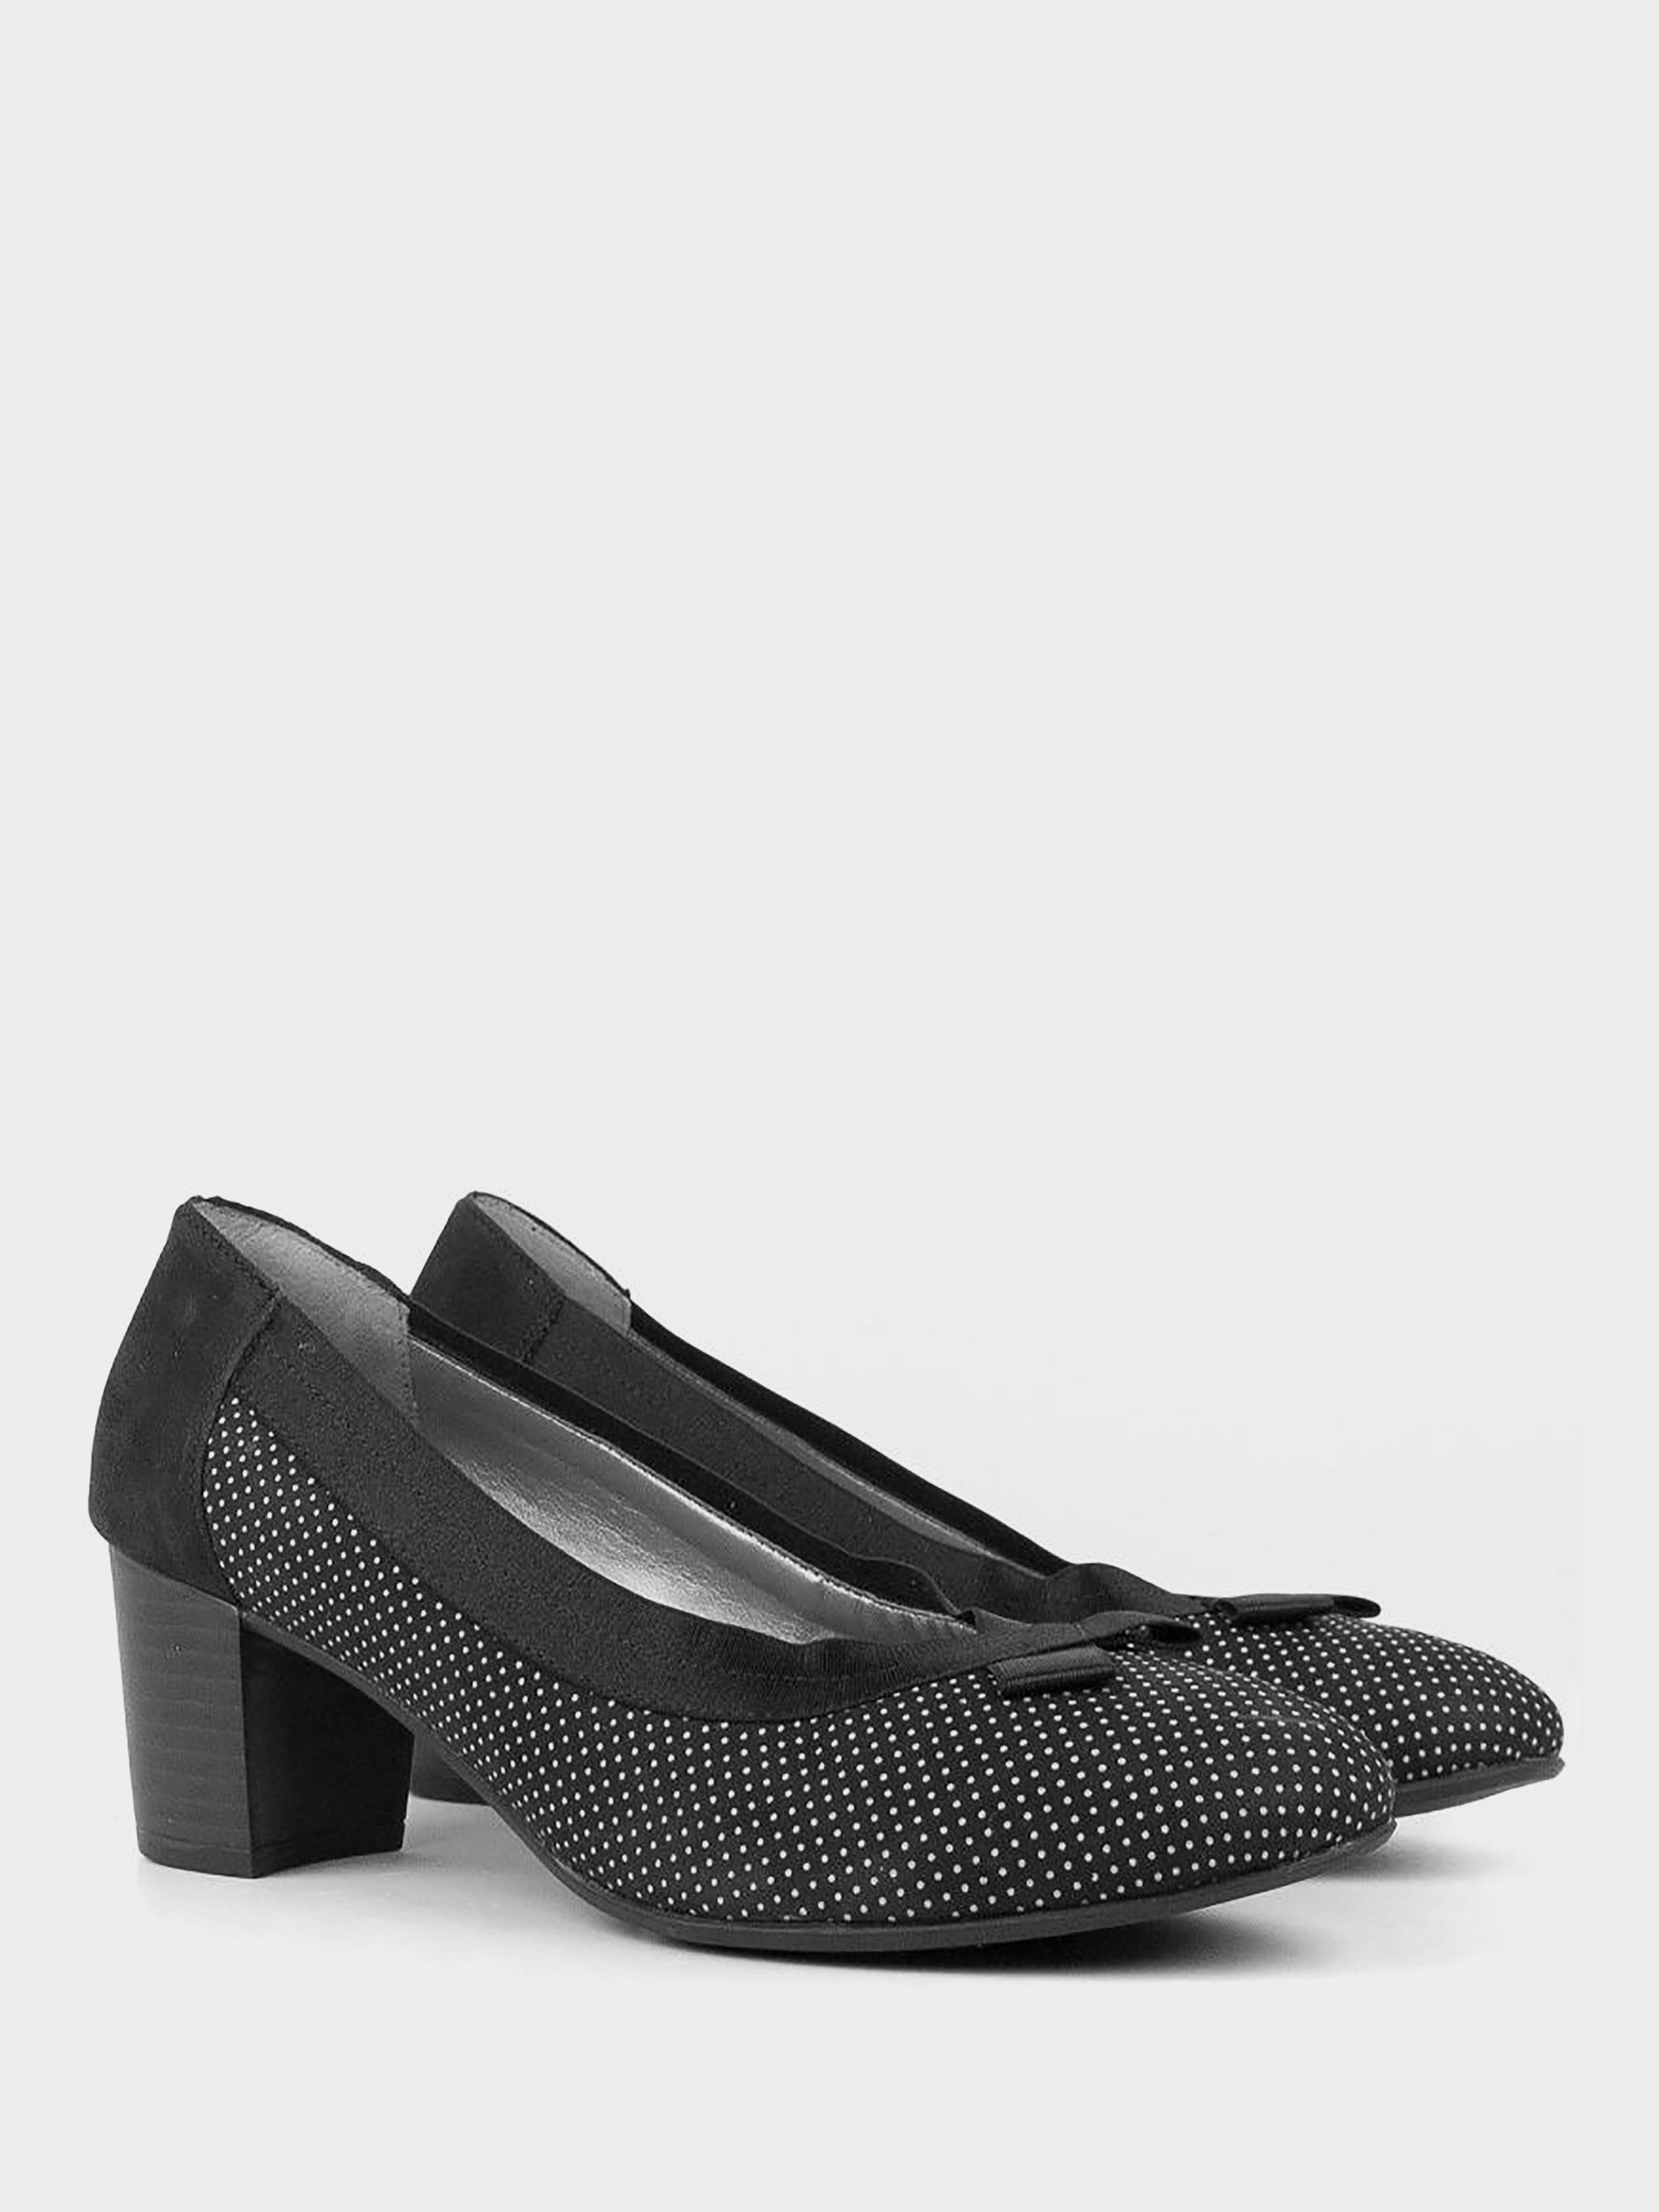 Туфли женские Remonte туфлі жін. (36-42) RD25 продажа, 2017